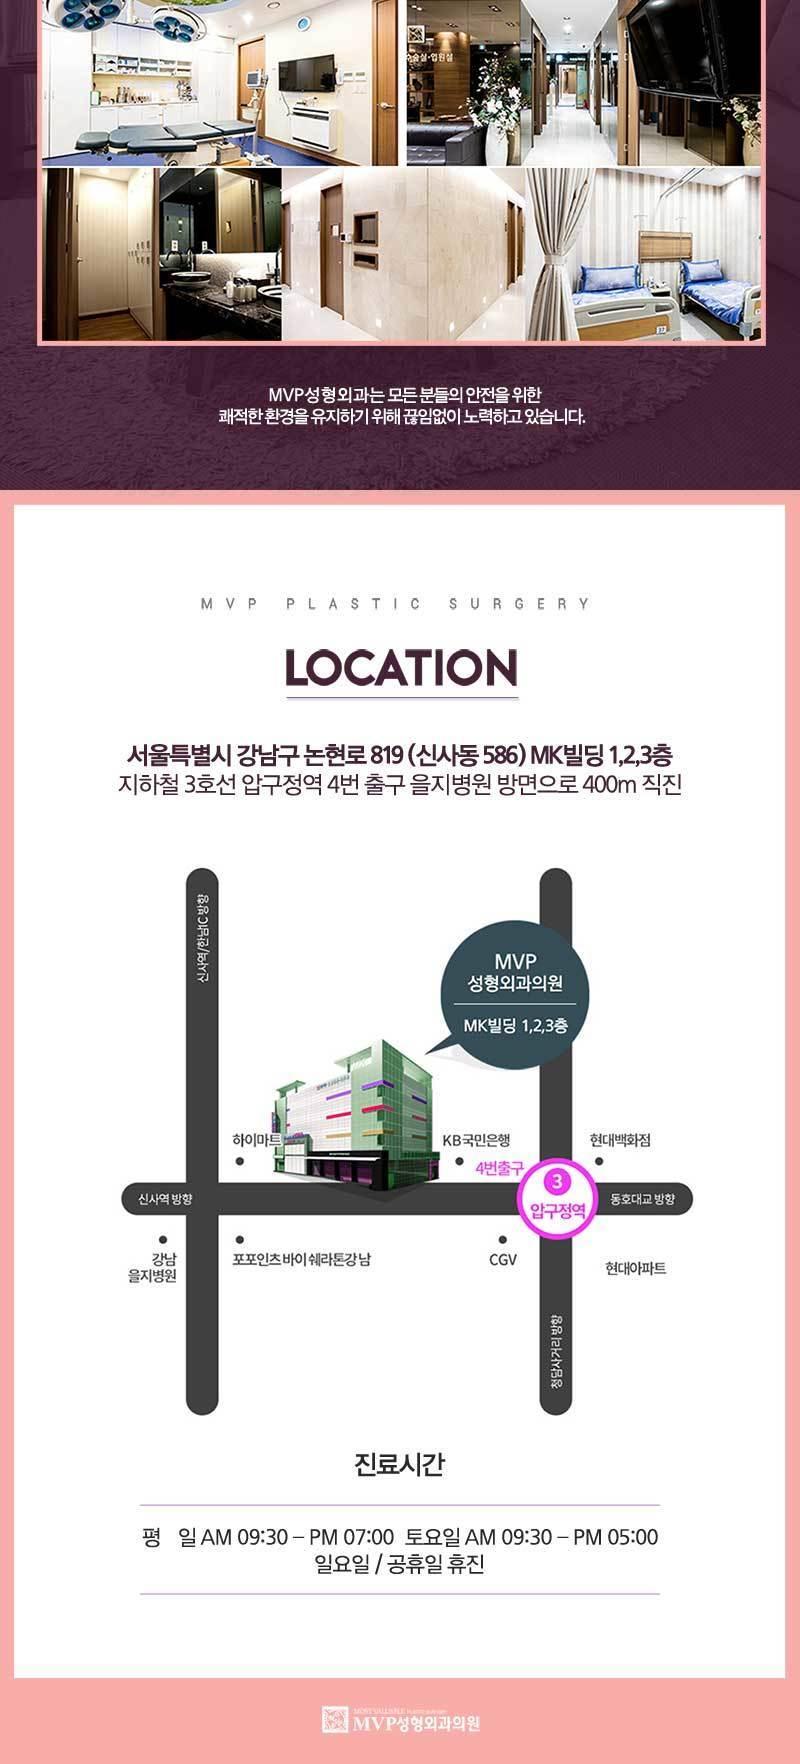 D event info d360ded34e63d379ba